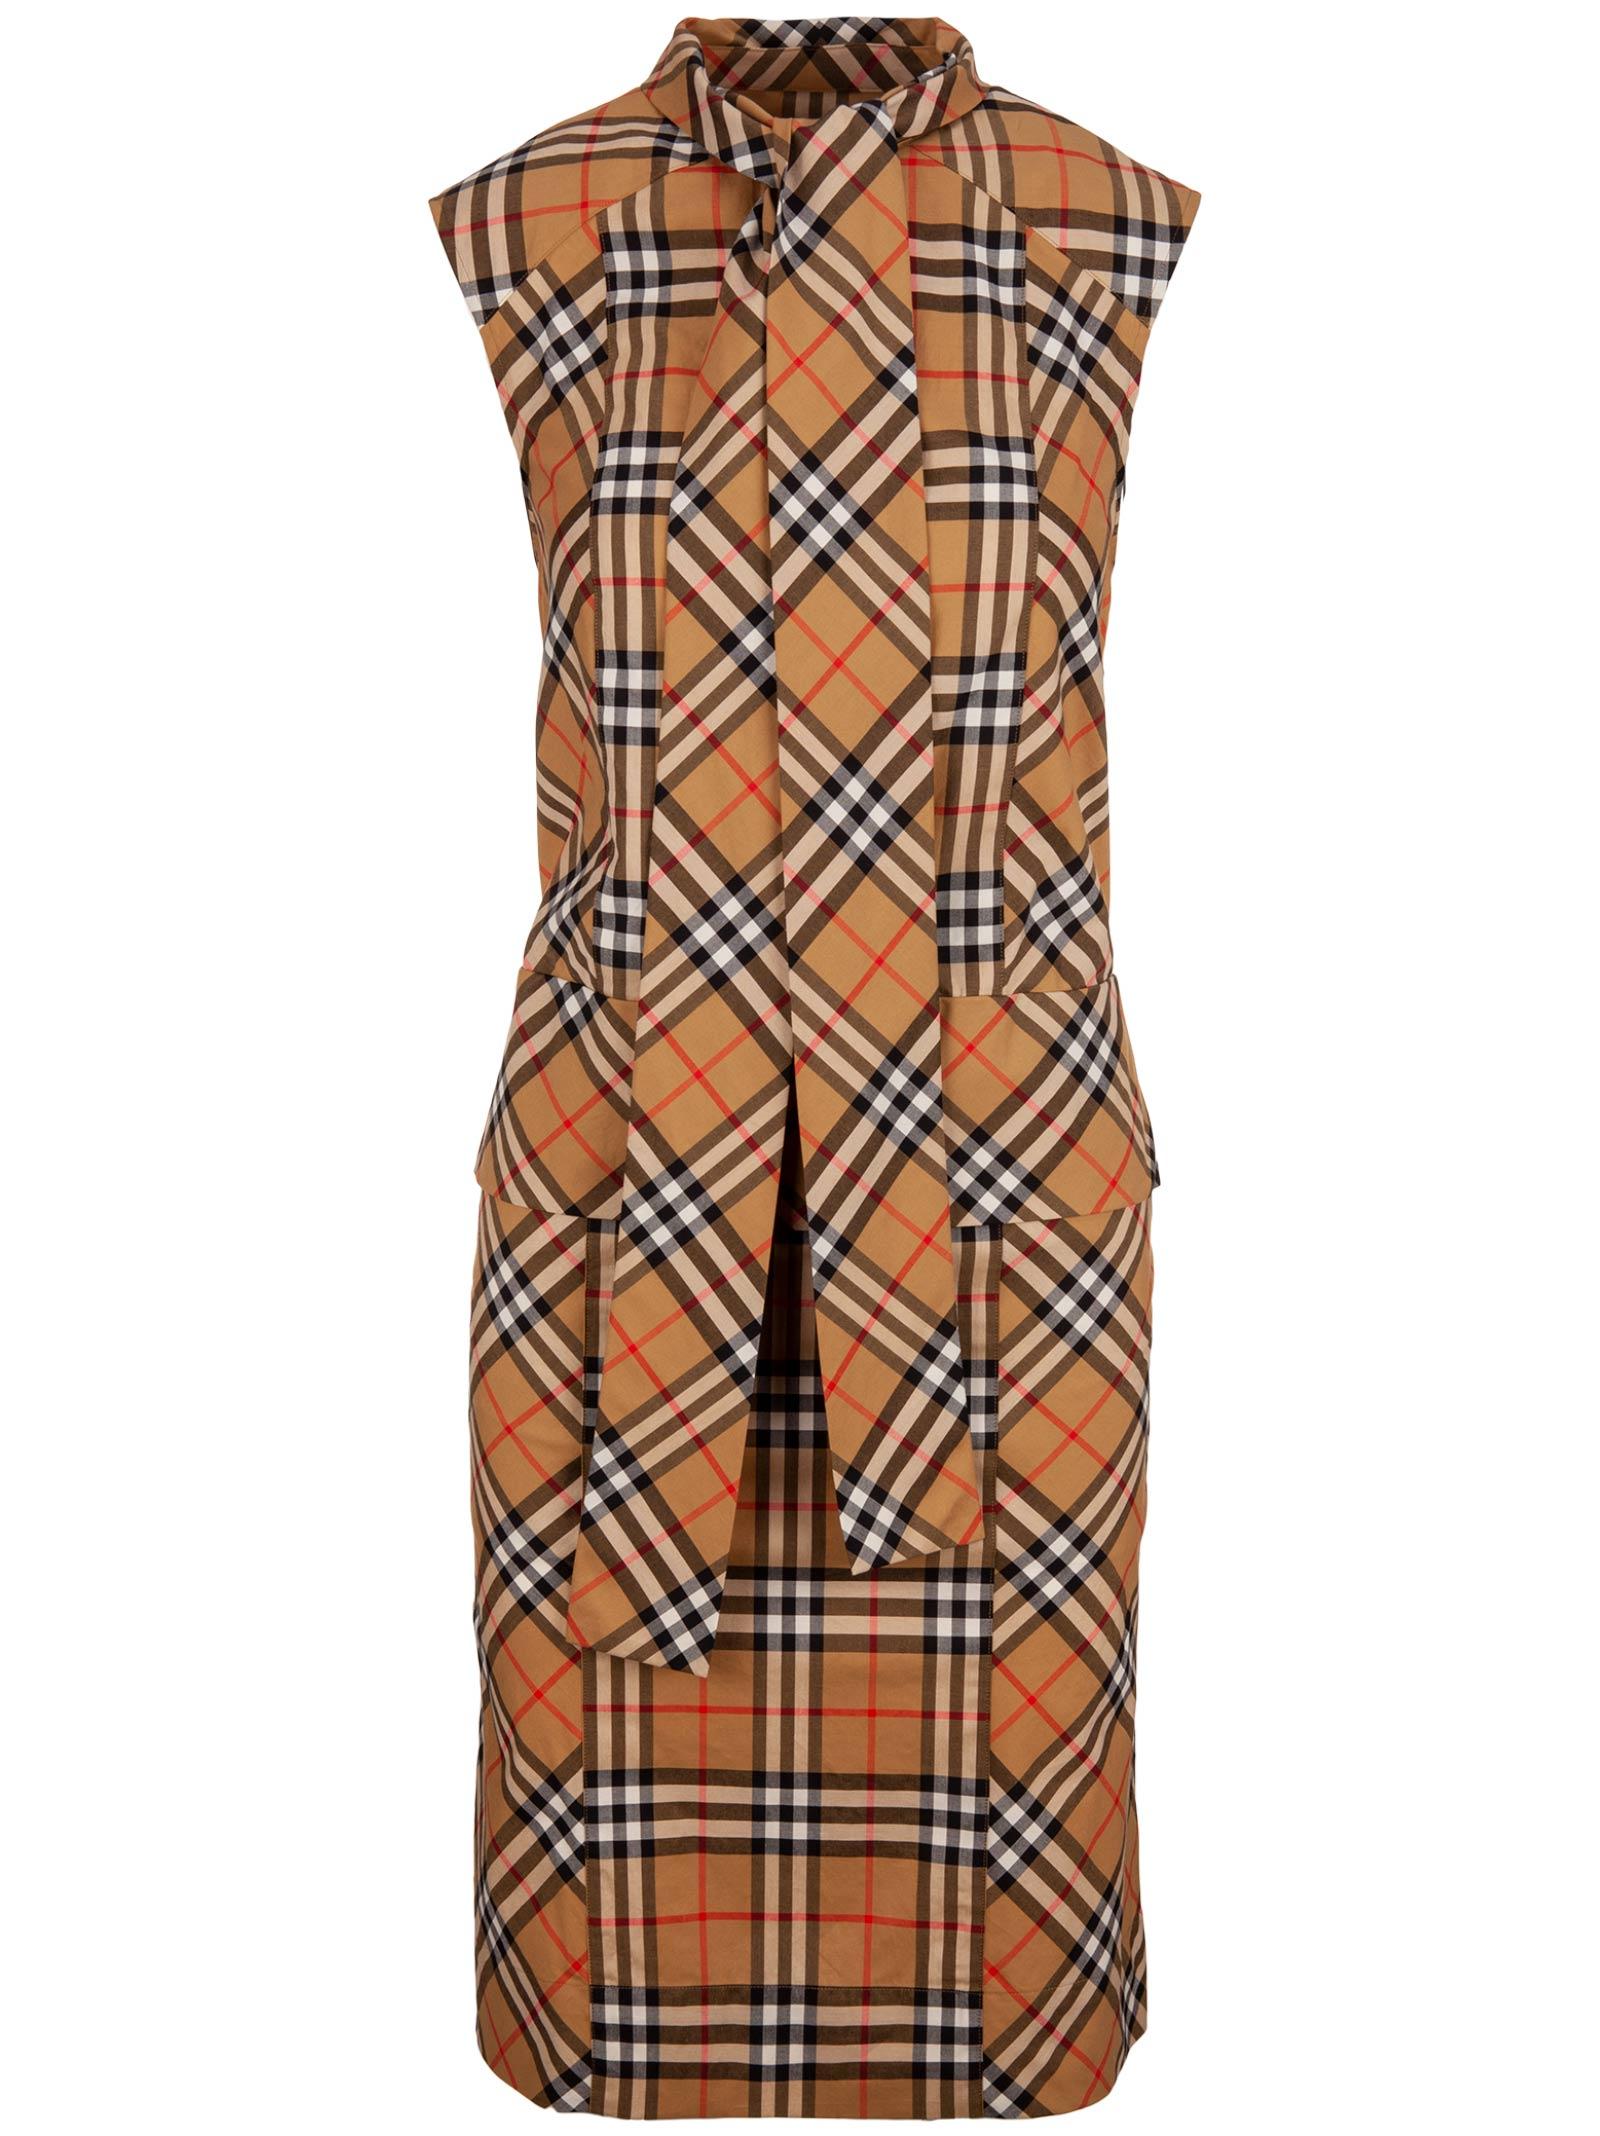 3e35c71fd198 Michele Franzese Moda. 0. Burberry shirt BURBERRY